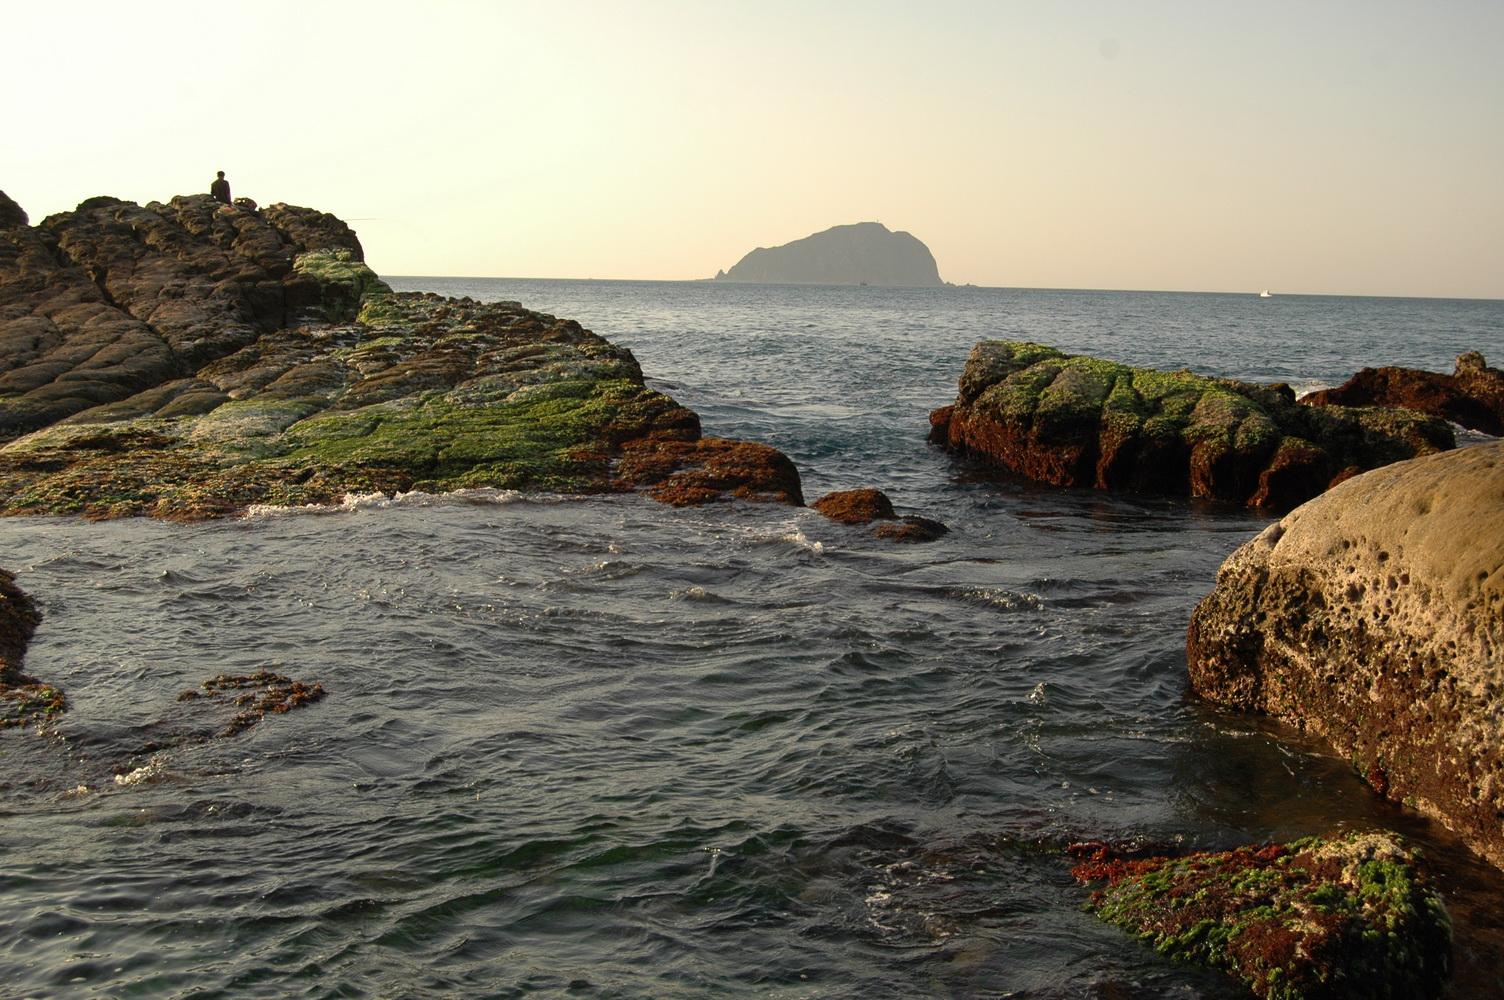 低潮帶的礁岩上,著生有藍藍綠綠、萬紫千紅的藻類。圖片來源:方雅芬